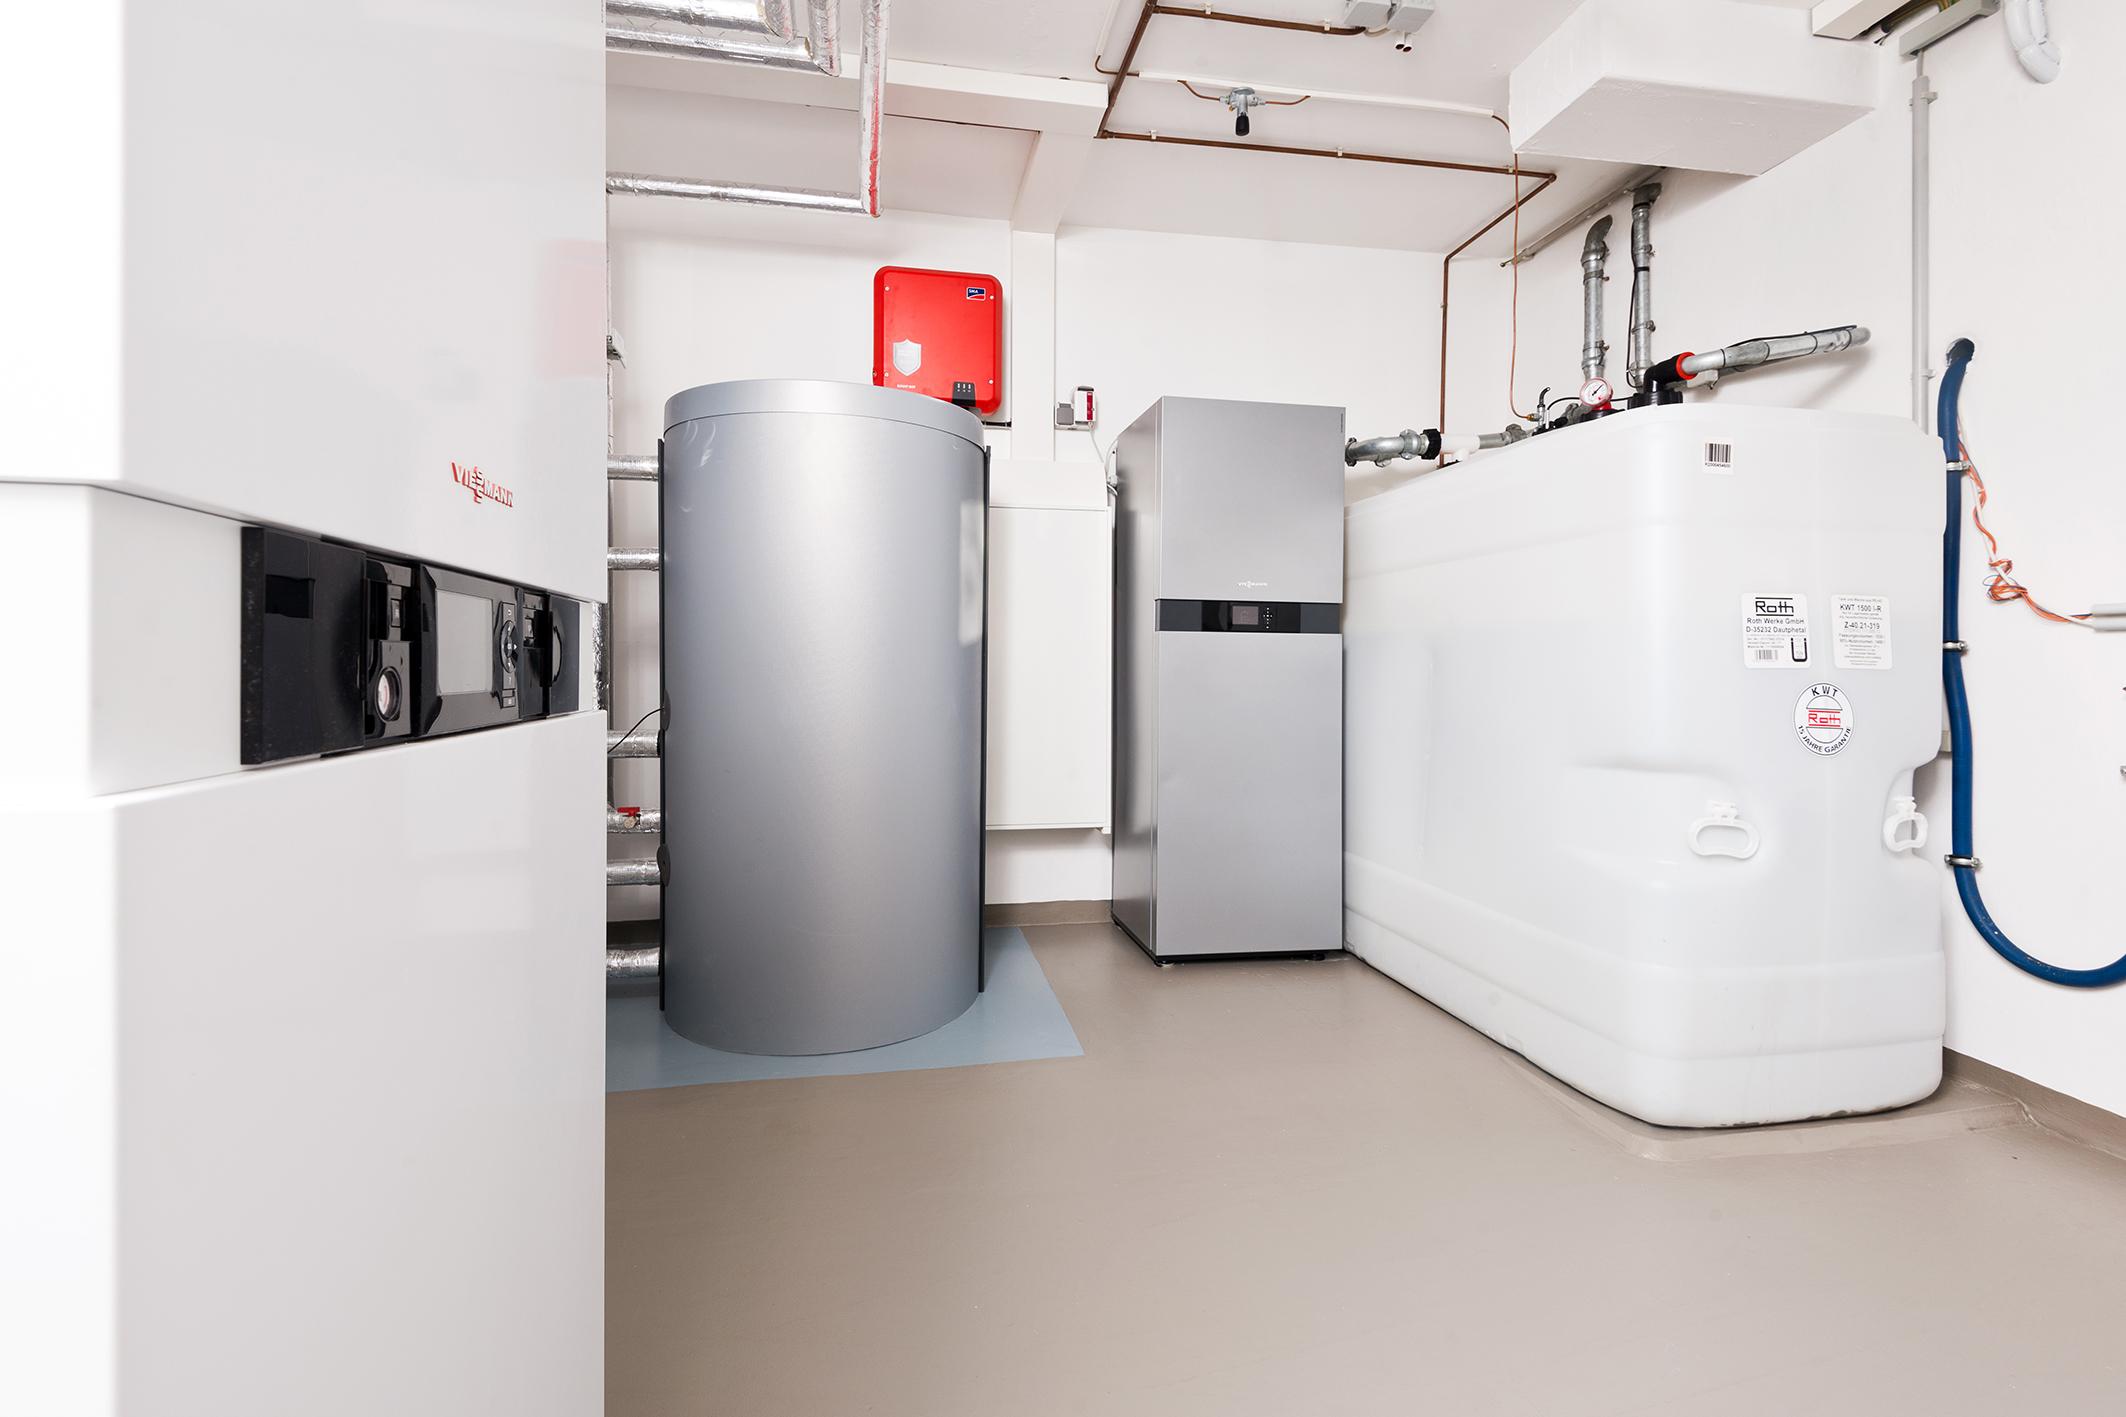 Blick in den Heizungskeller: Hybridgerät, Warmwasserspeicher, Stromspeicher, Heizöltank